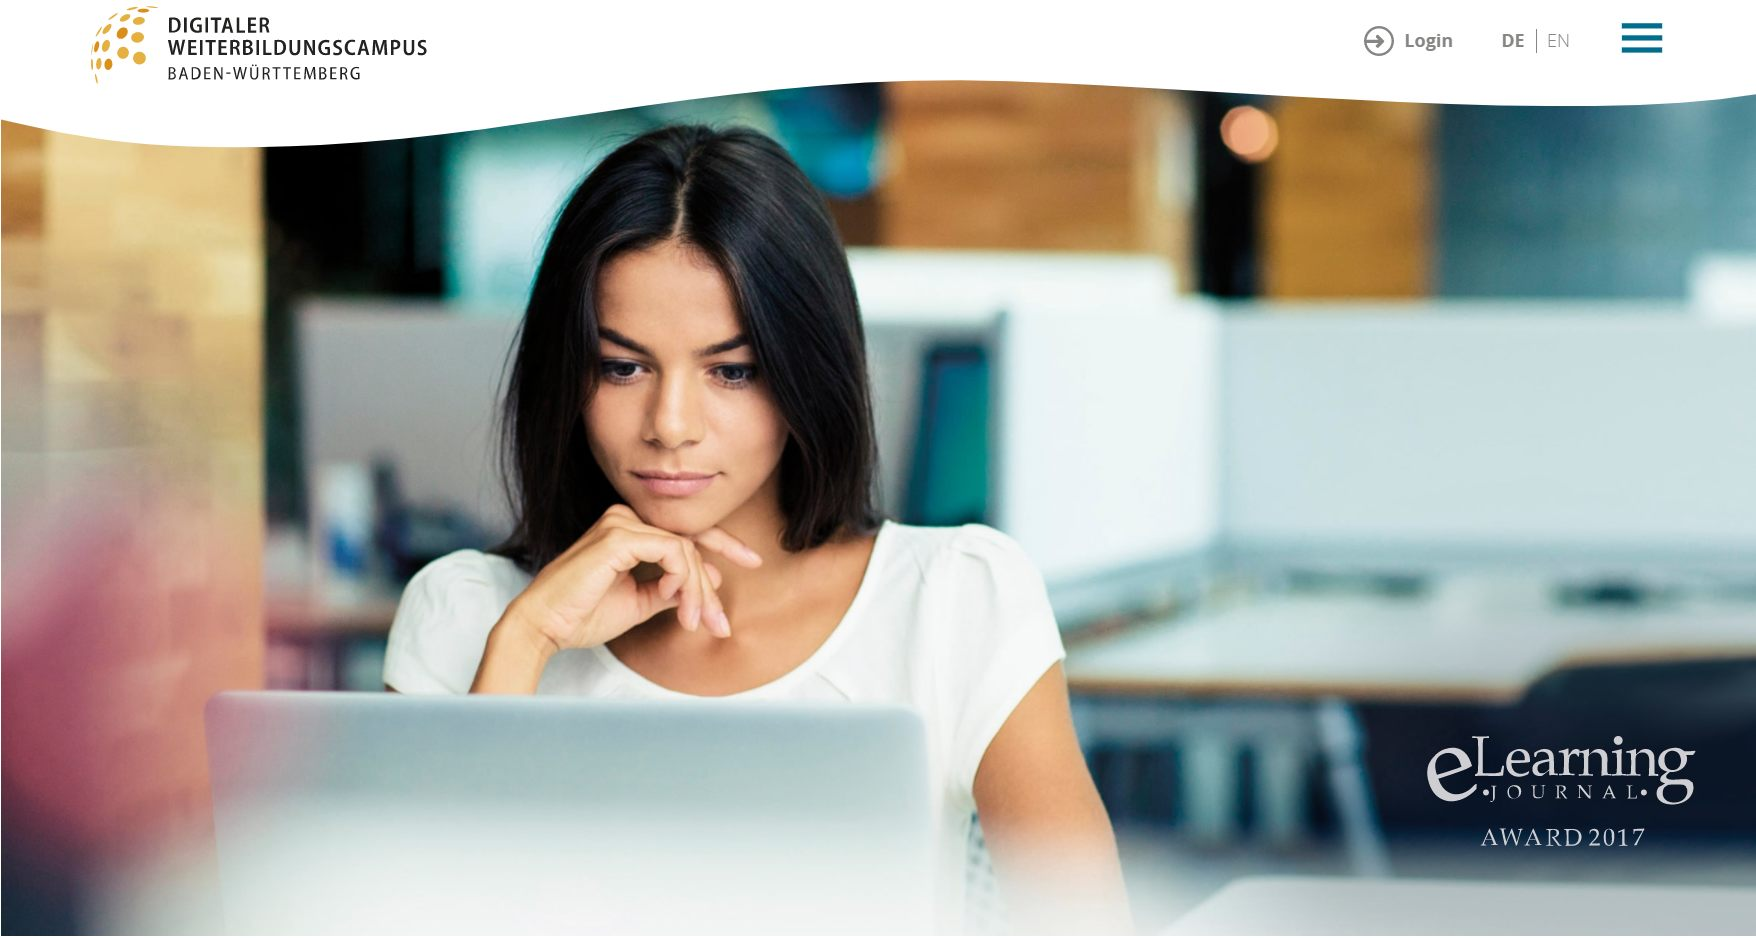 Keyvisual von Digitaler Weiterbildungscampus (Bildquelle: digitaler-weiterbildungscampus.de)